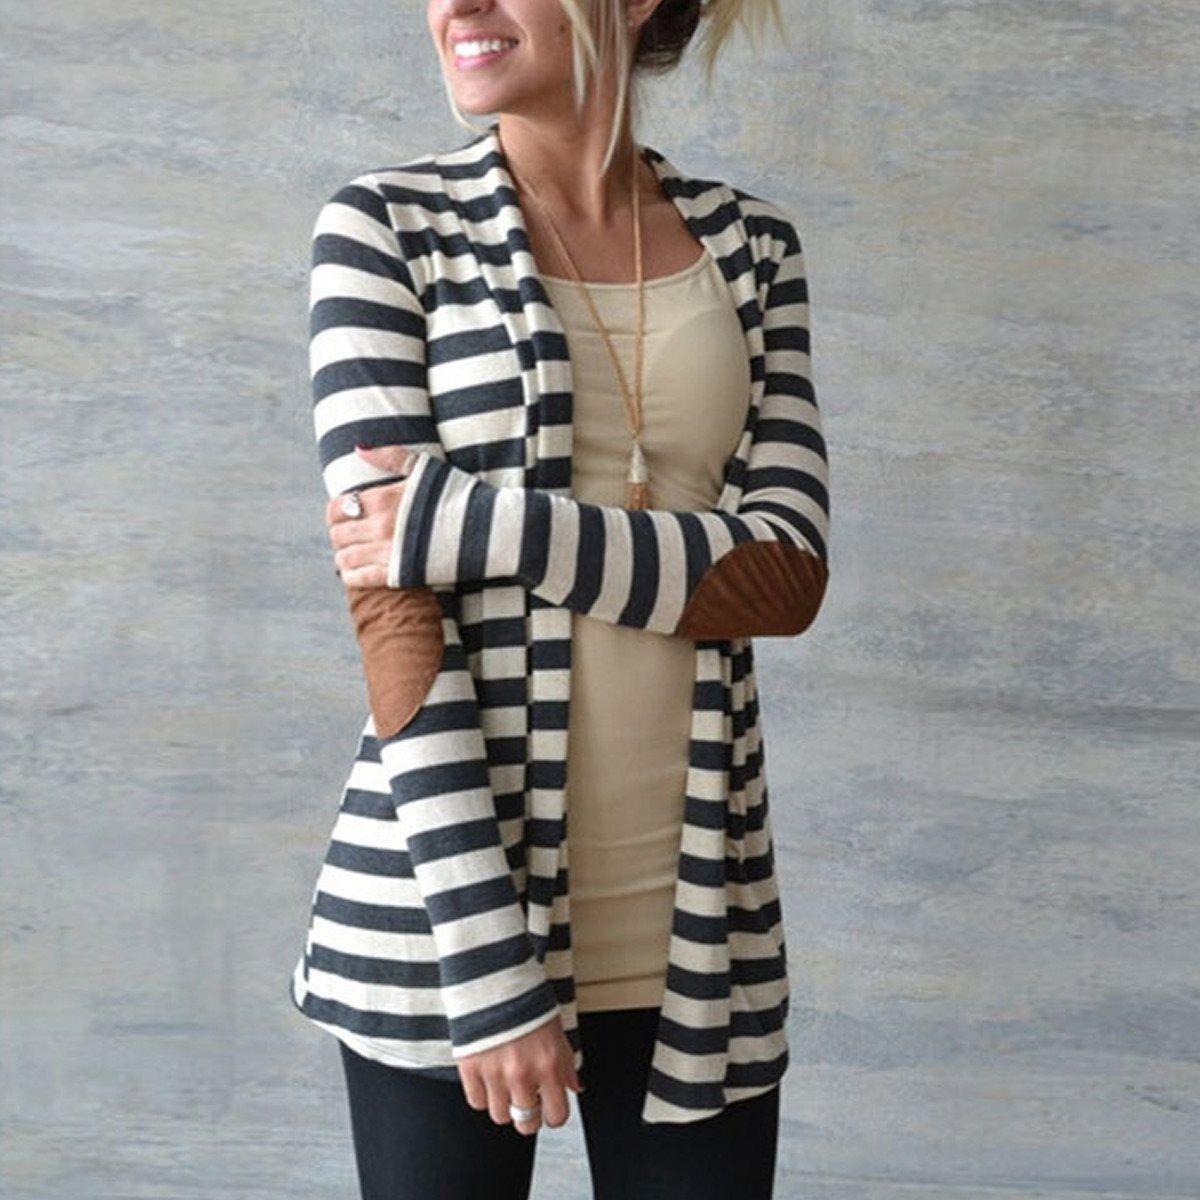 Nueva moda 2018 otoño prendas de vestir exteriores de manga larga rayas impresas Rebeca ocasional suéter hecho punto remiendo del codo más tamaño